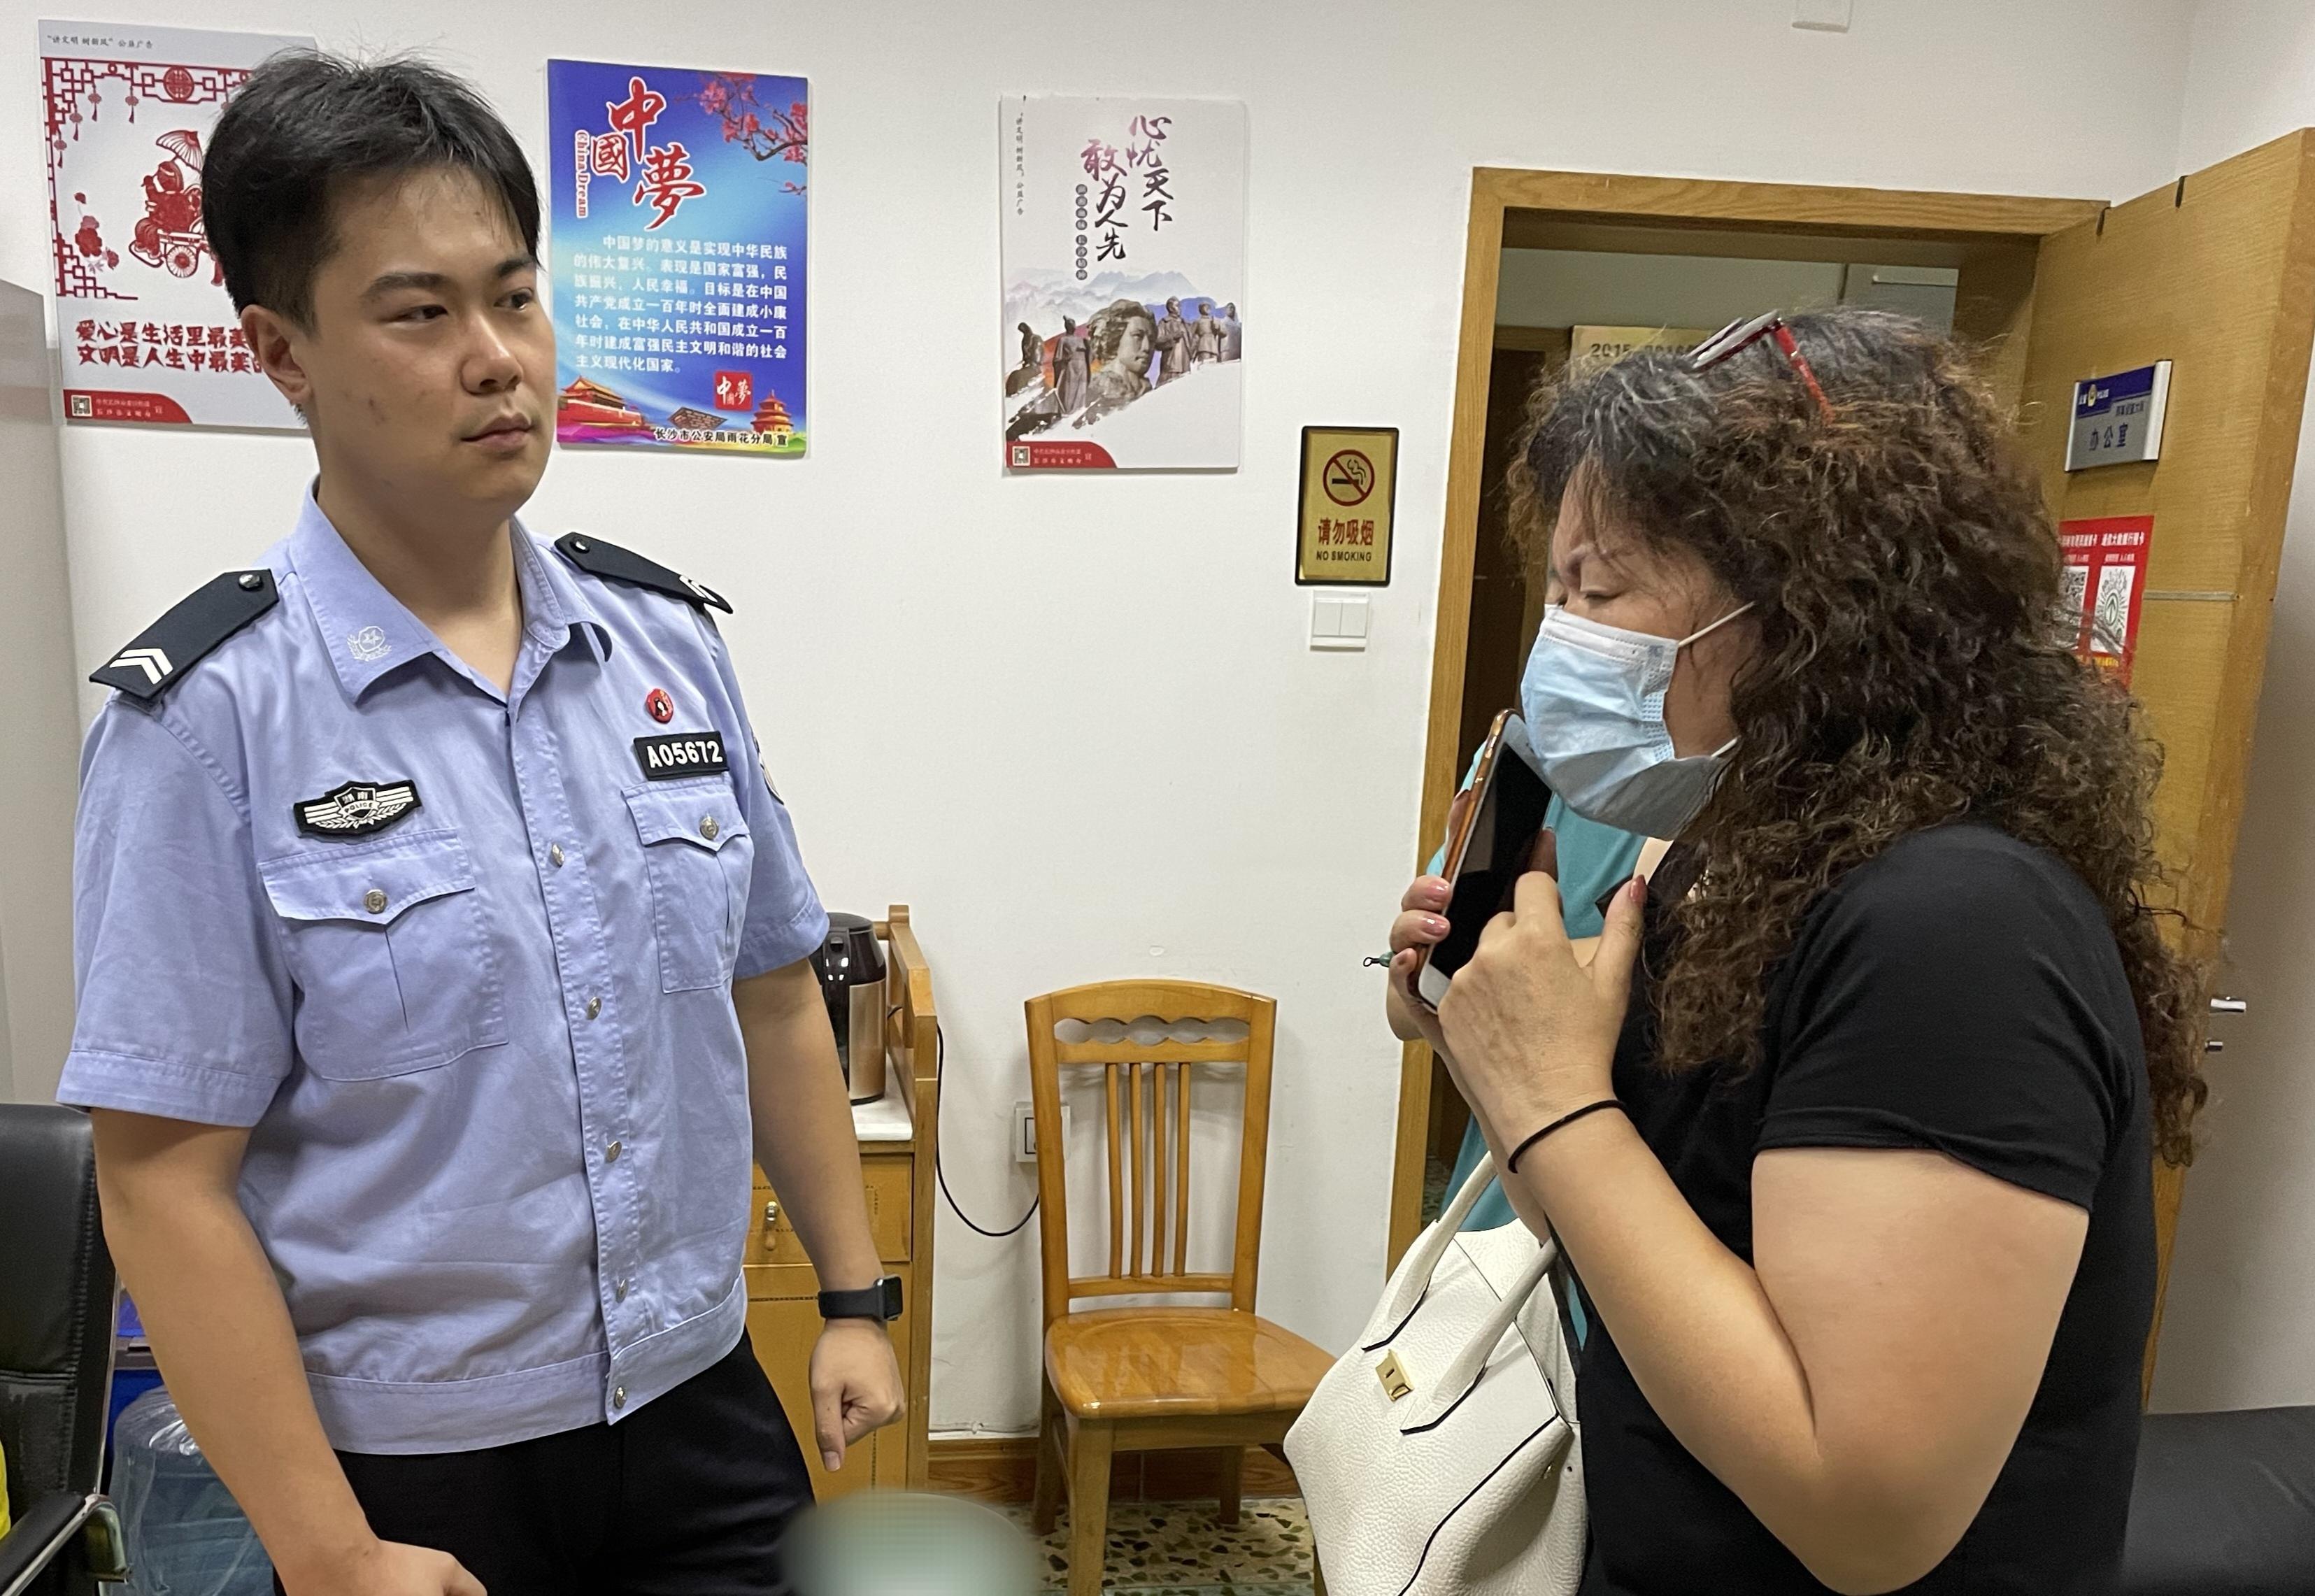 辅警王泽仁劝阻市民向骗子汇款。长沙晚报通讯员 刘杰 供图